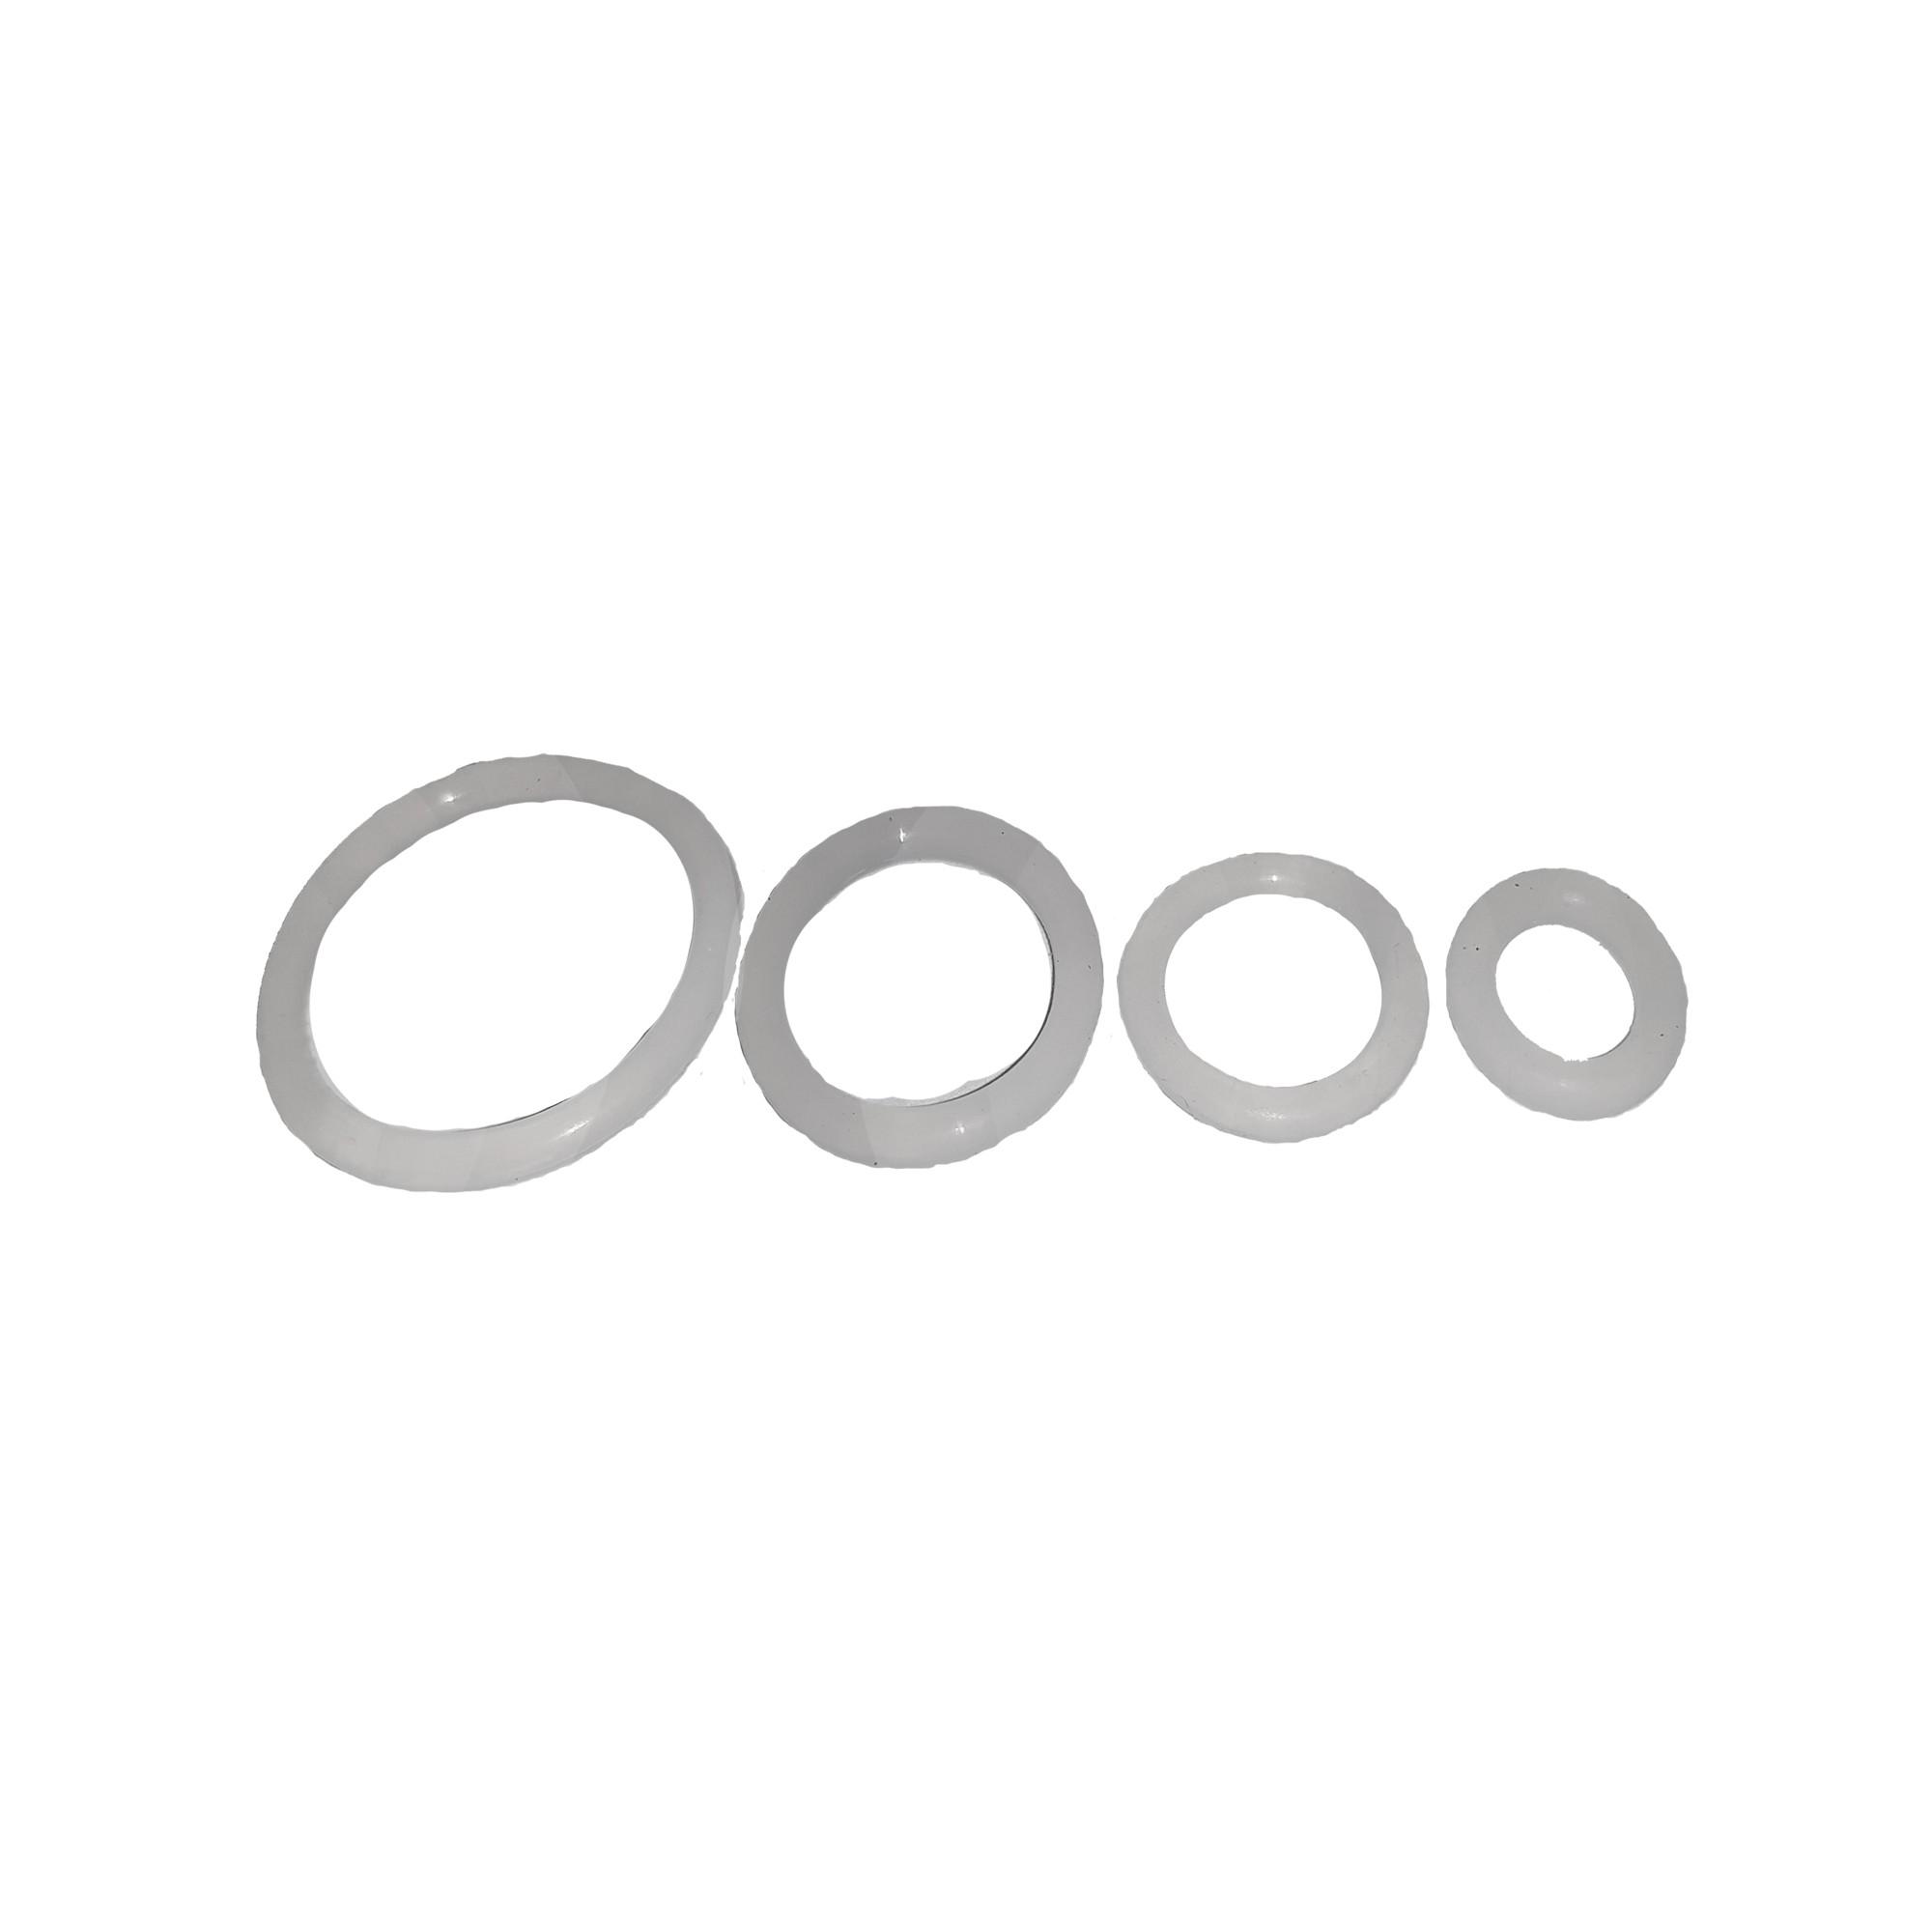 Упаковка колец силиконовых 100 шт пищевых термостойких 14мм*9,2мм*2,4мм J.G. - 1